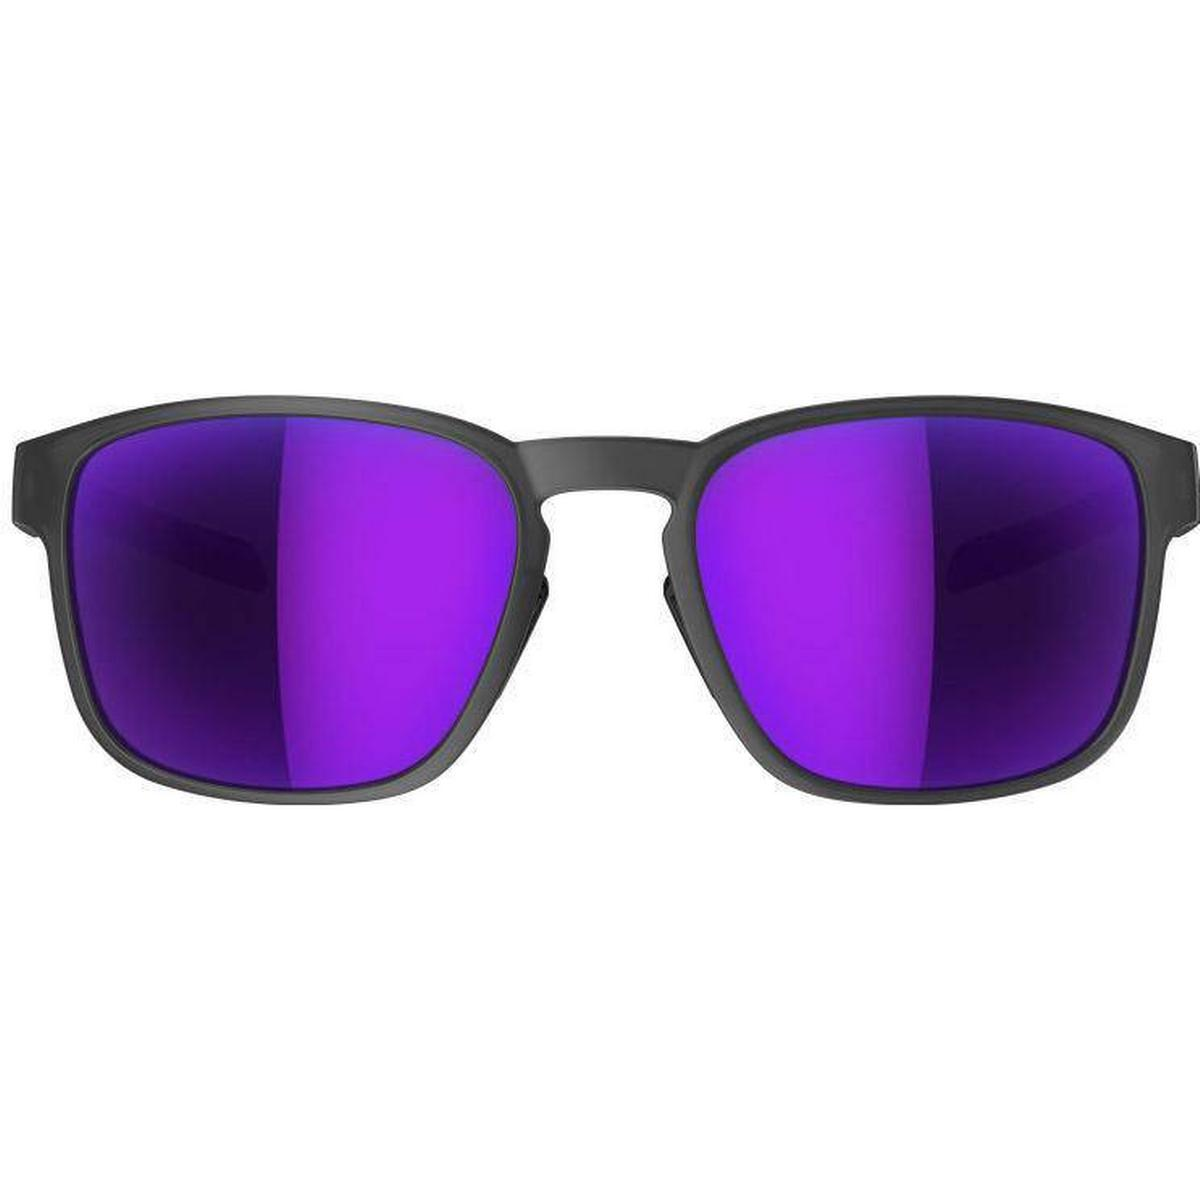 49d93ead2986 Adidas Solbriller - Sammenlign priser hos PriceRunner